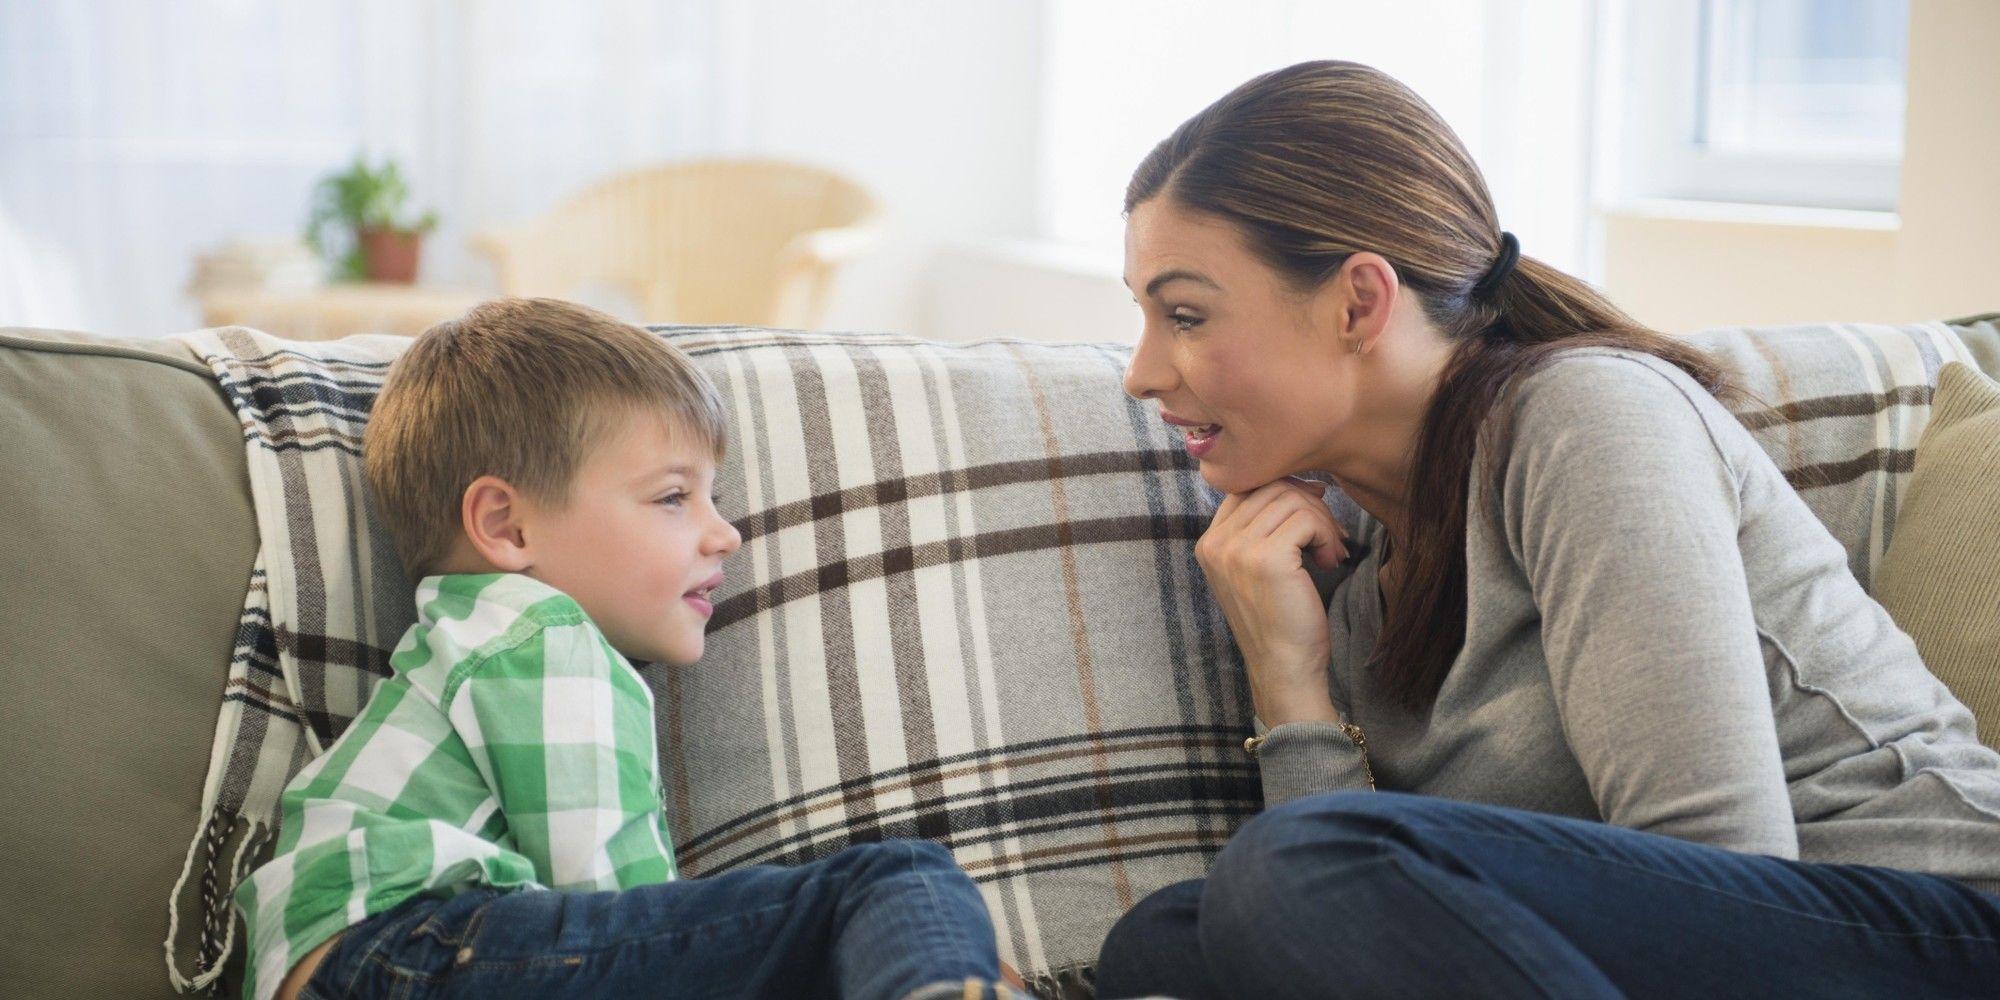 Apa Itu Mendisiplinkan Anak